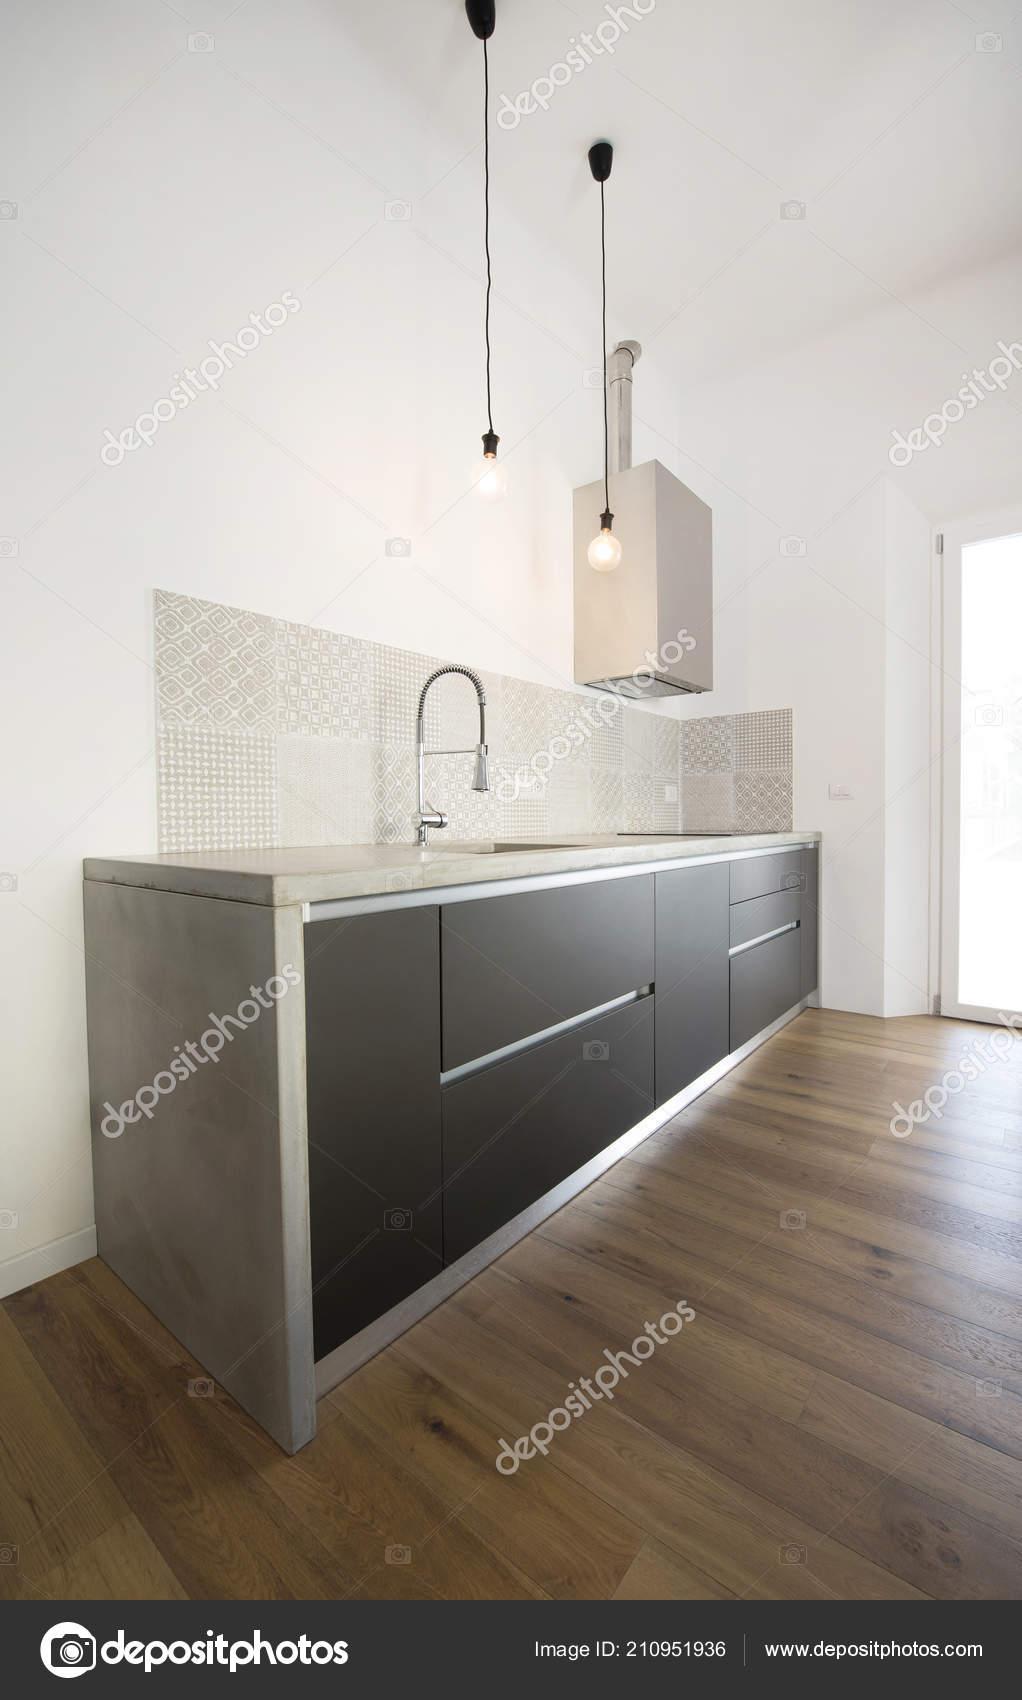 Interiore della cucina moderna con piano lavoro cemento foto stock katy89 210951936 - Piano della cucina ...